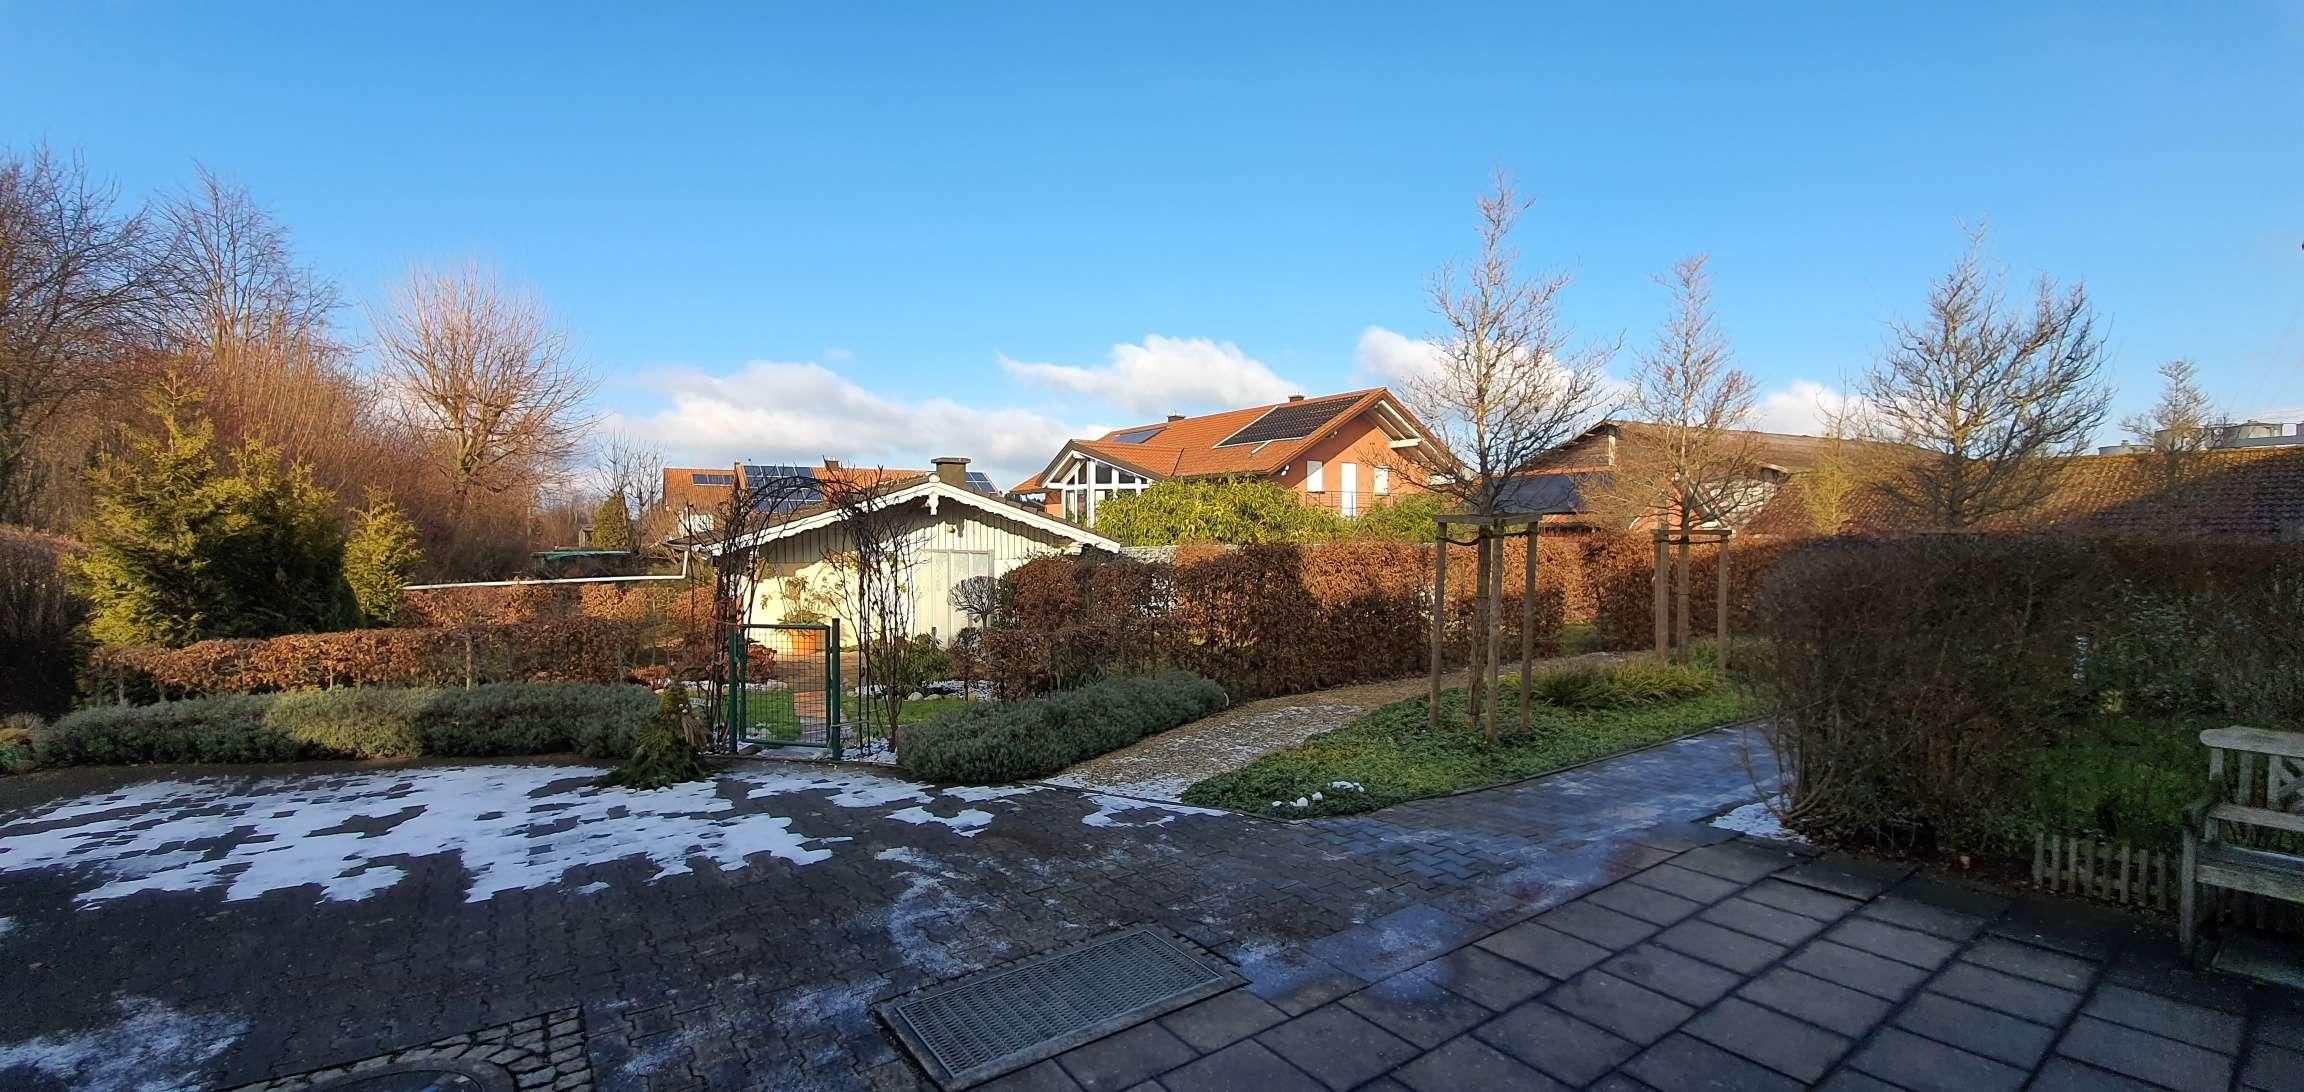 Gemütliche und geräumige Wohnung in Taufkirchen b. Kraiburg a.Inn - mit EBK und eigenem Gartenanteil in Taufkirchen (Mühldorf am Inn)